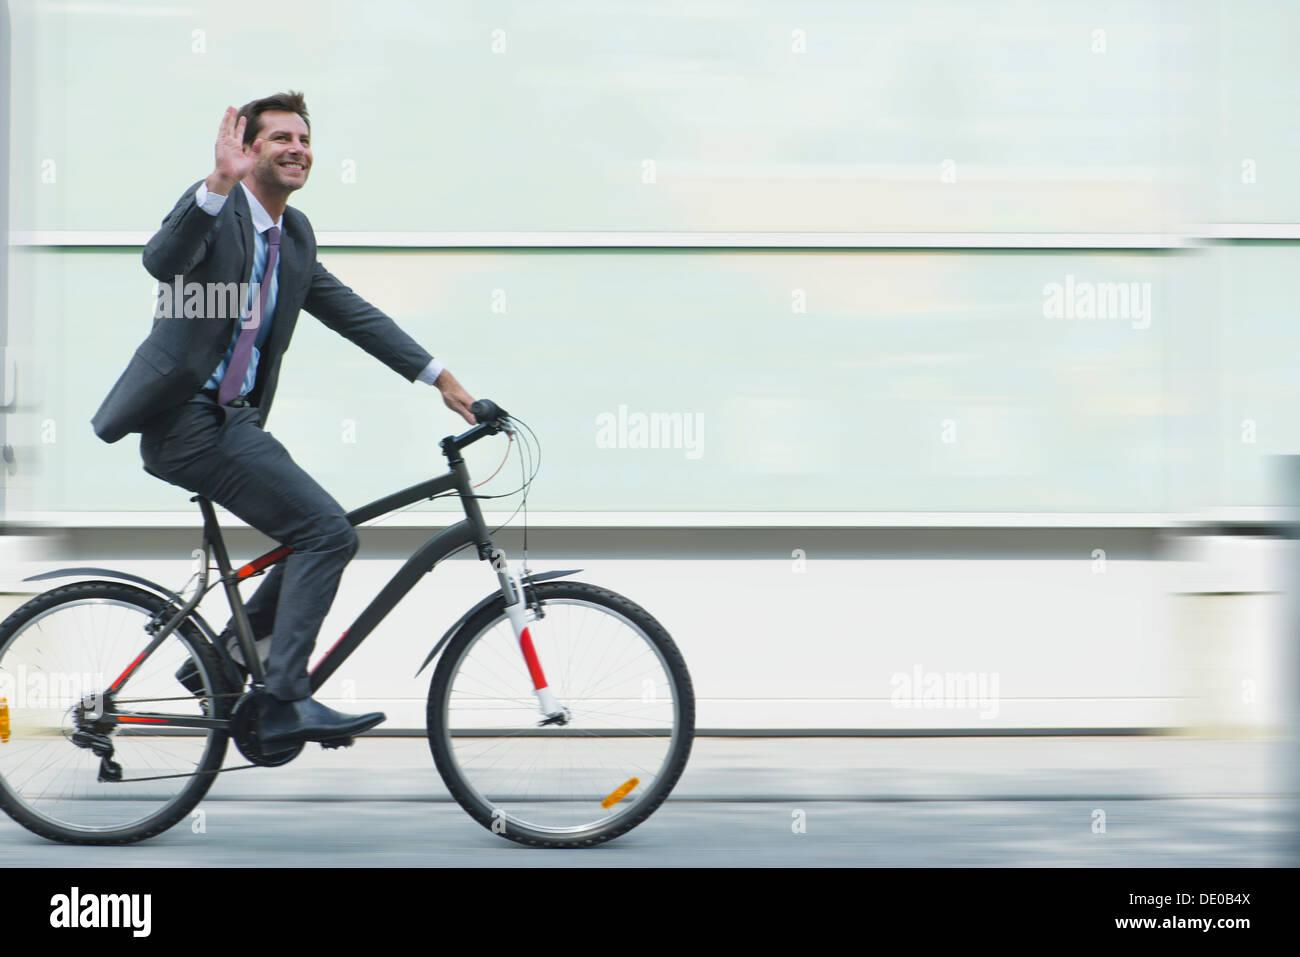 Empresario montando bicicleta Imagen De Stock